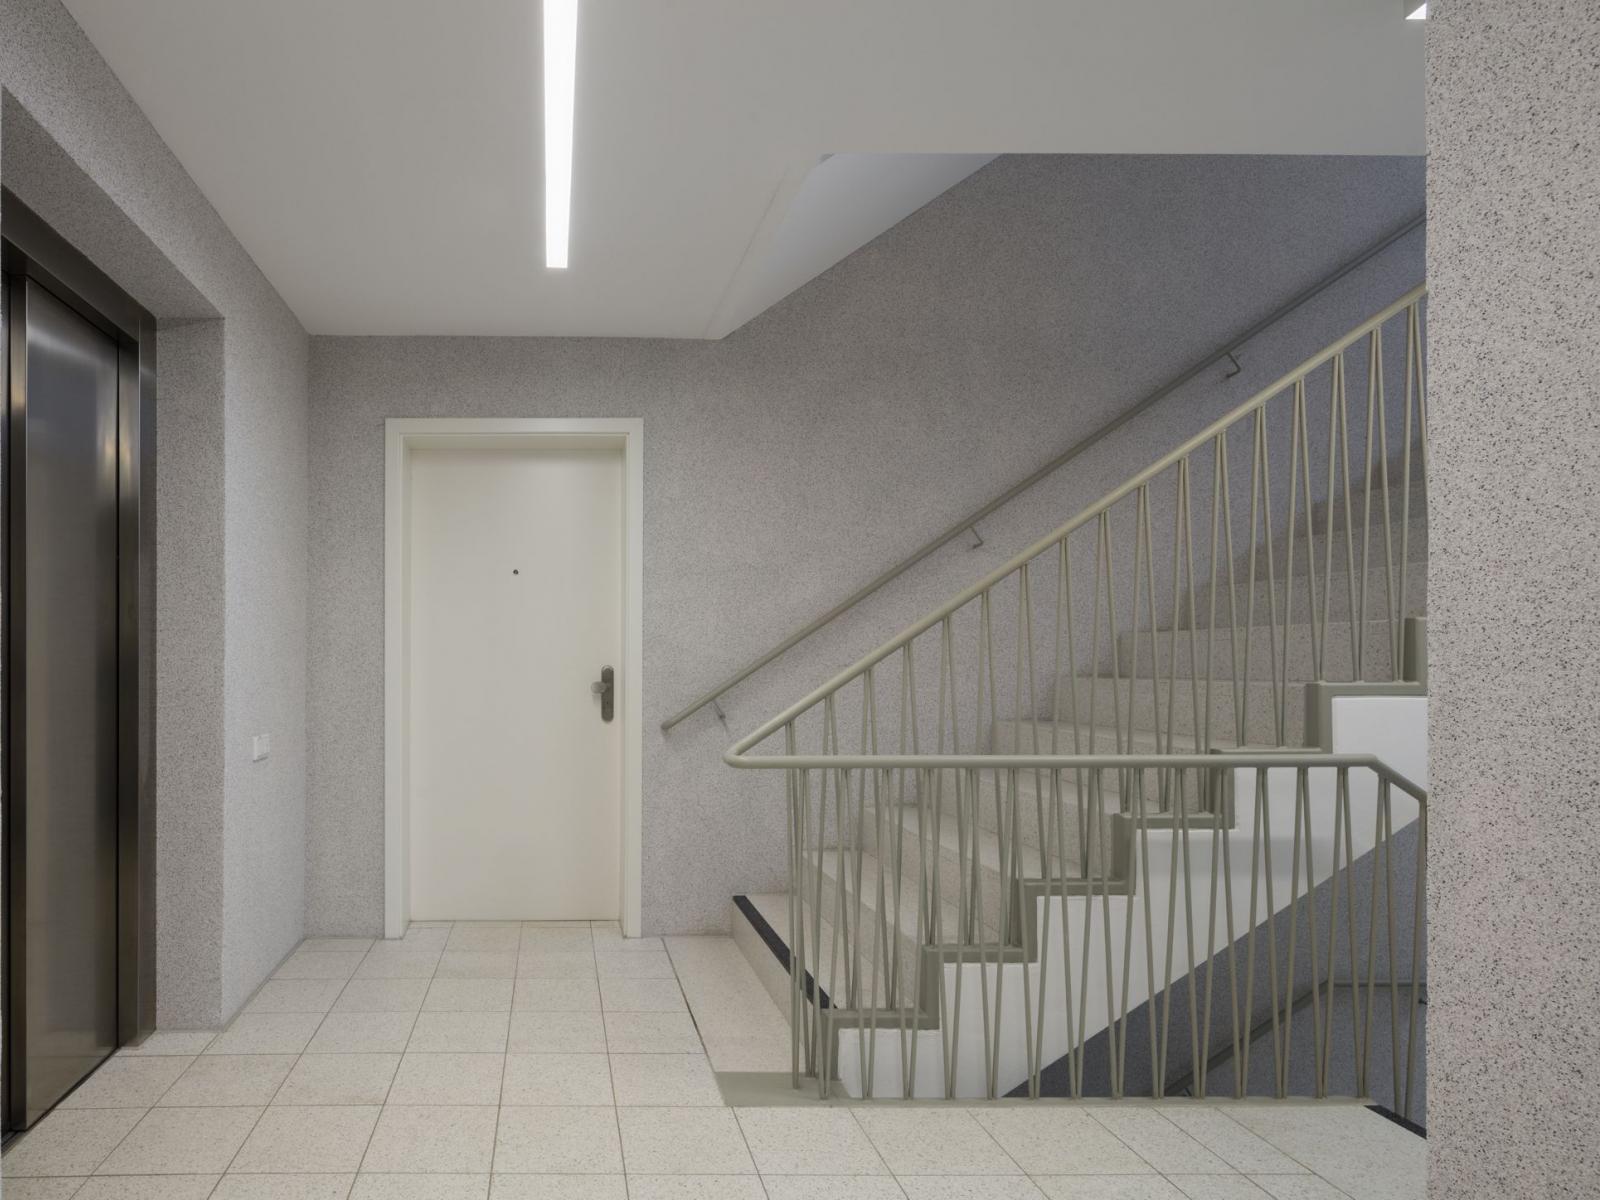 Rollstuhlgerechtes Wohnen Feuerwehrhaus Innenraum